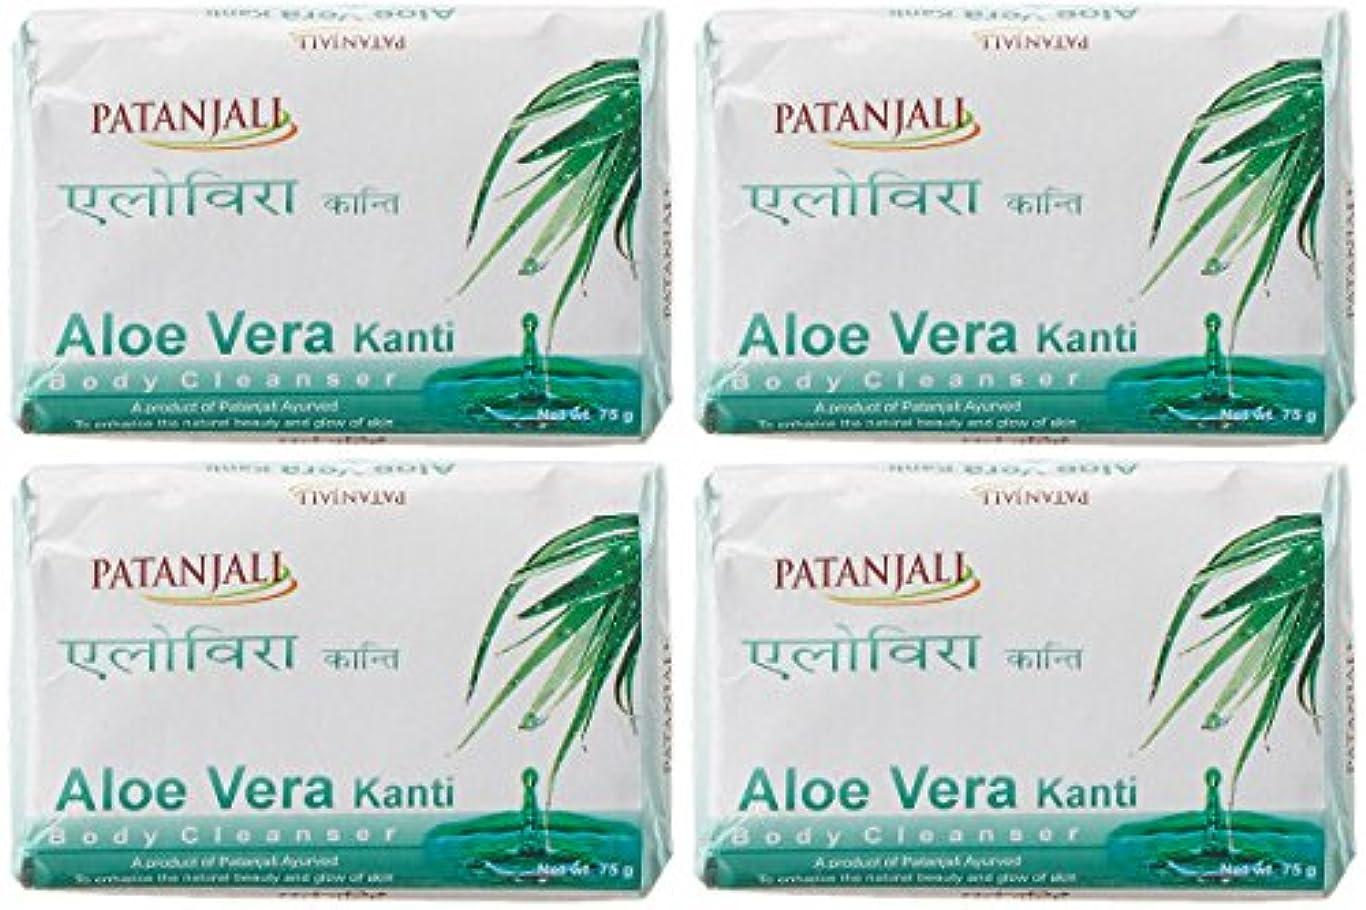 困惑パイプ確認してくださいPatanjali KantiアロエベラボディクレンザーSoap、75?g by Patanjaliパックof 4